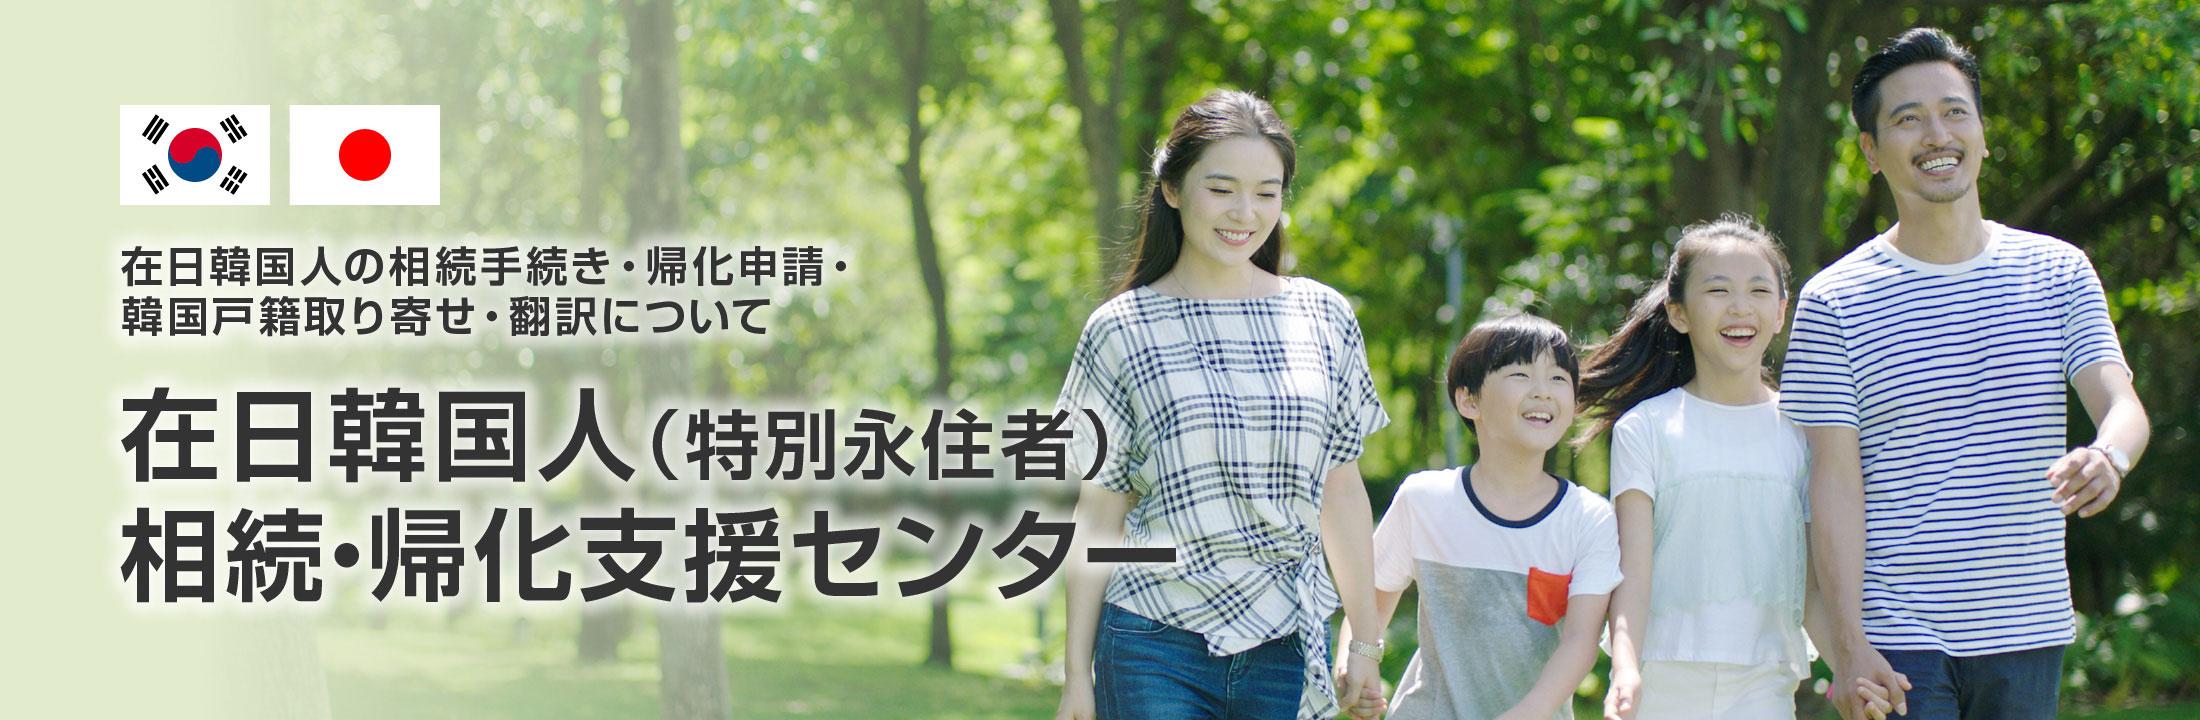 在日韓国人の相続手続き・帰化申請・韓国戸籍取り寄せ・翻訳について 在日韓国人(特別永住者)相続・帰化支援センター